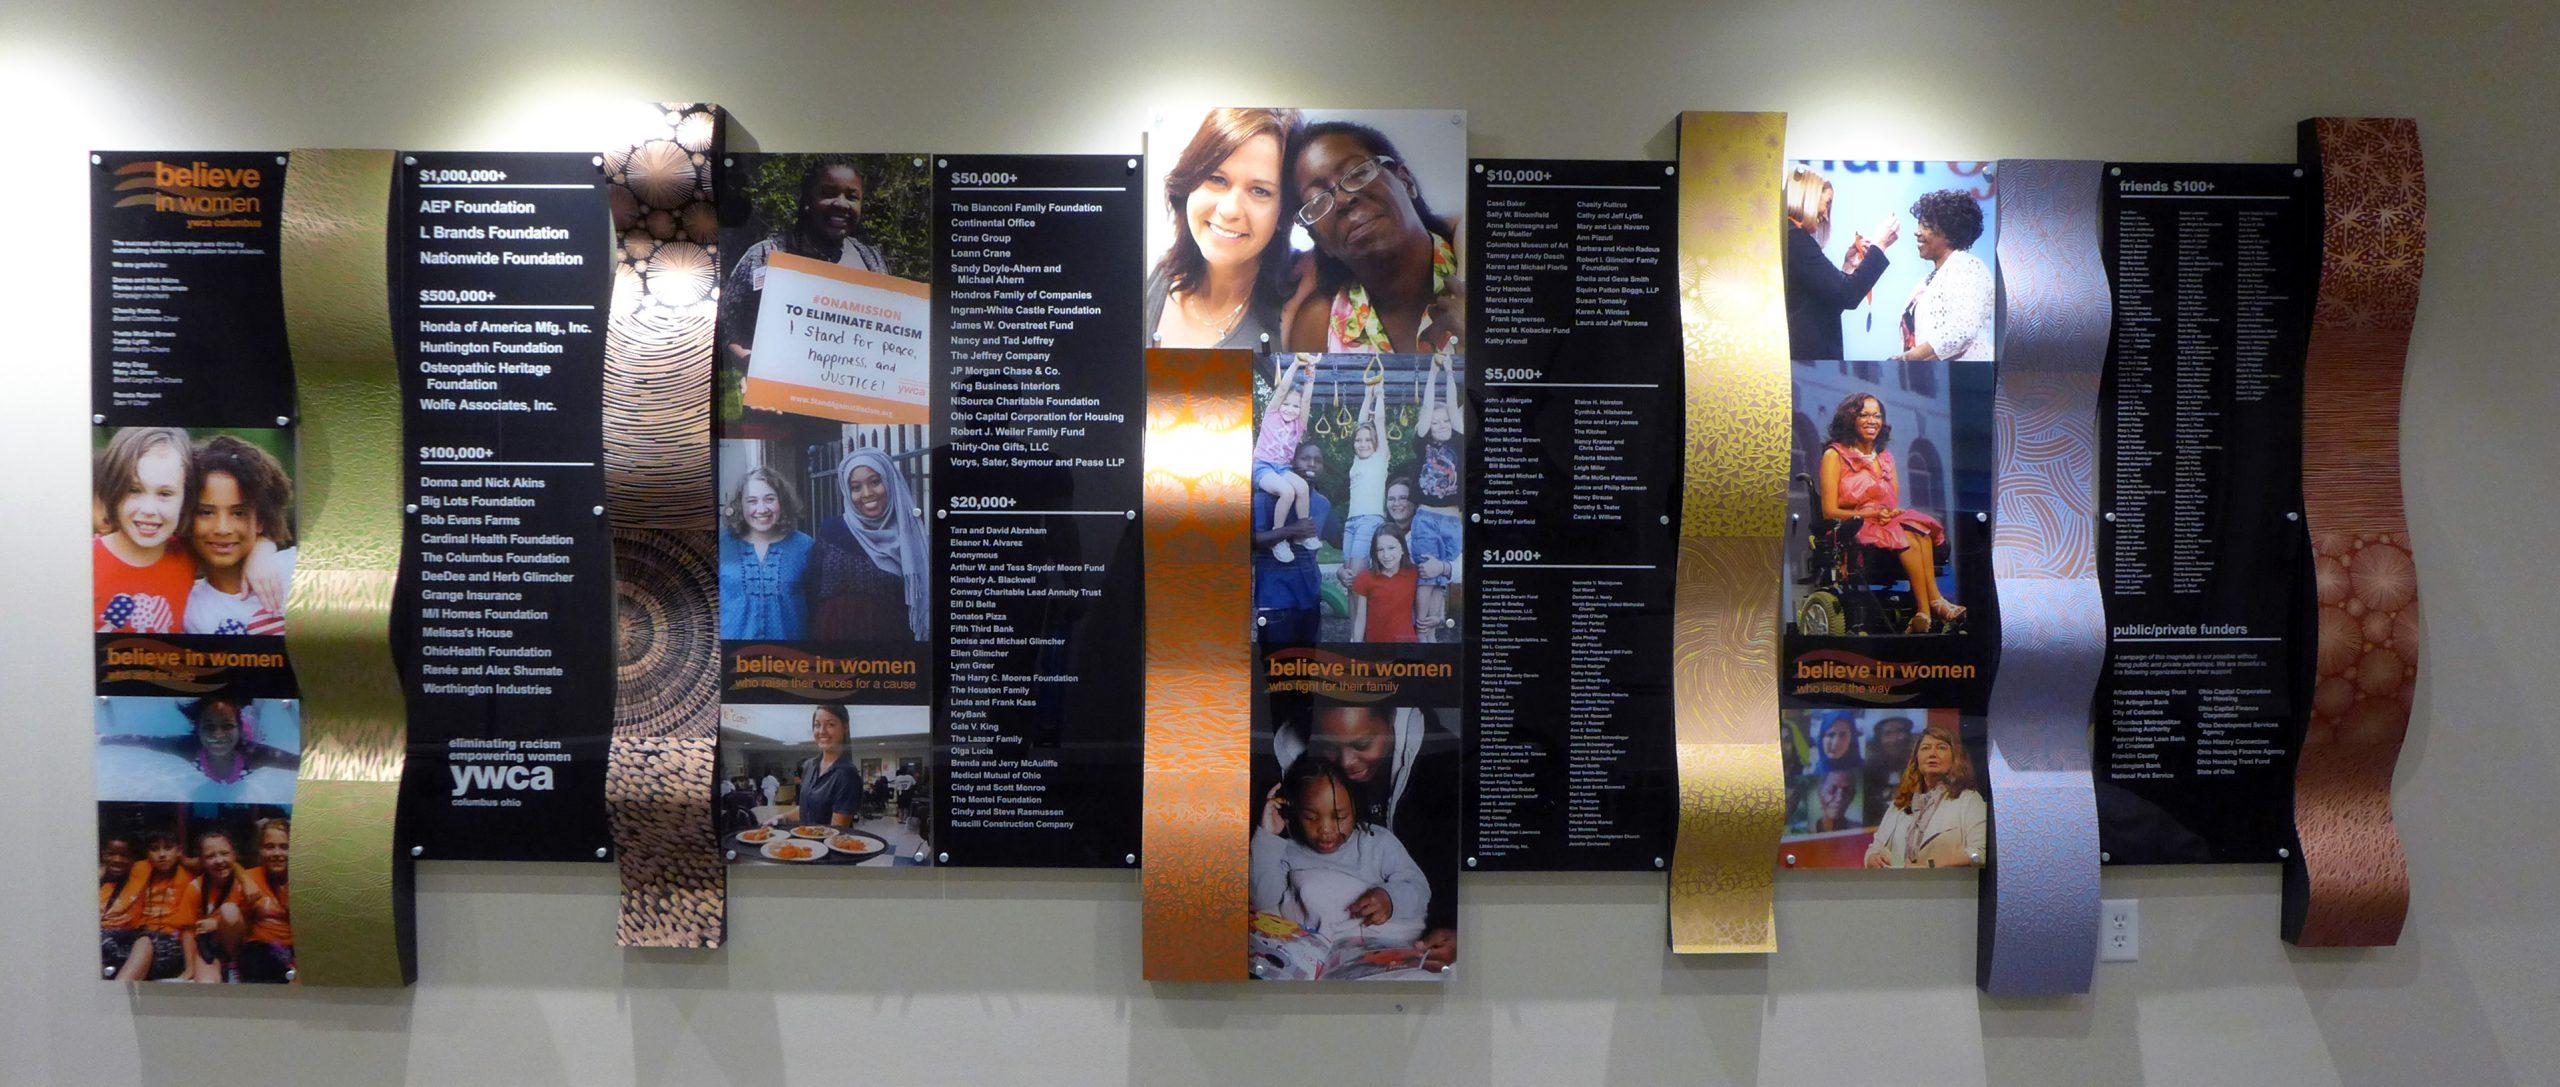 YWCA Donor Wall